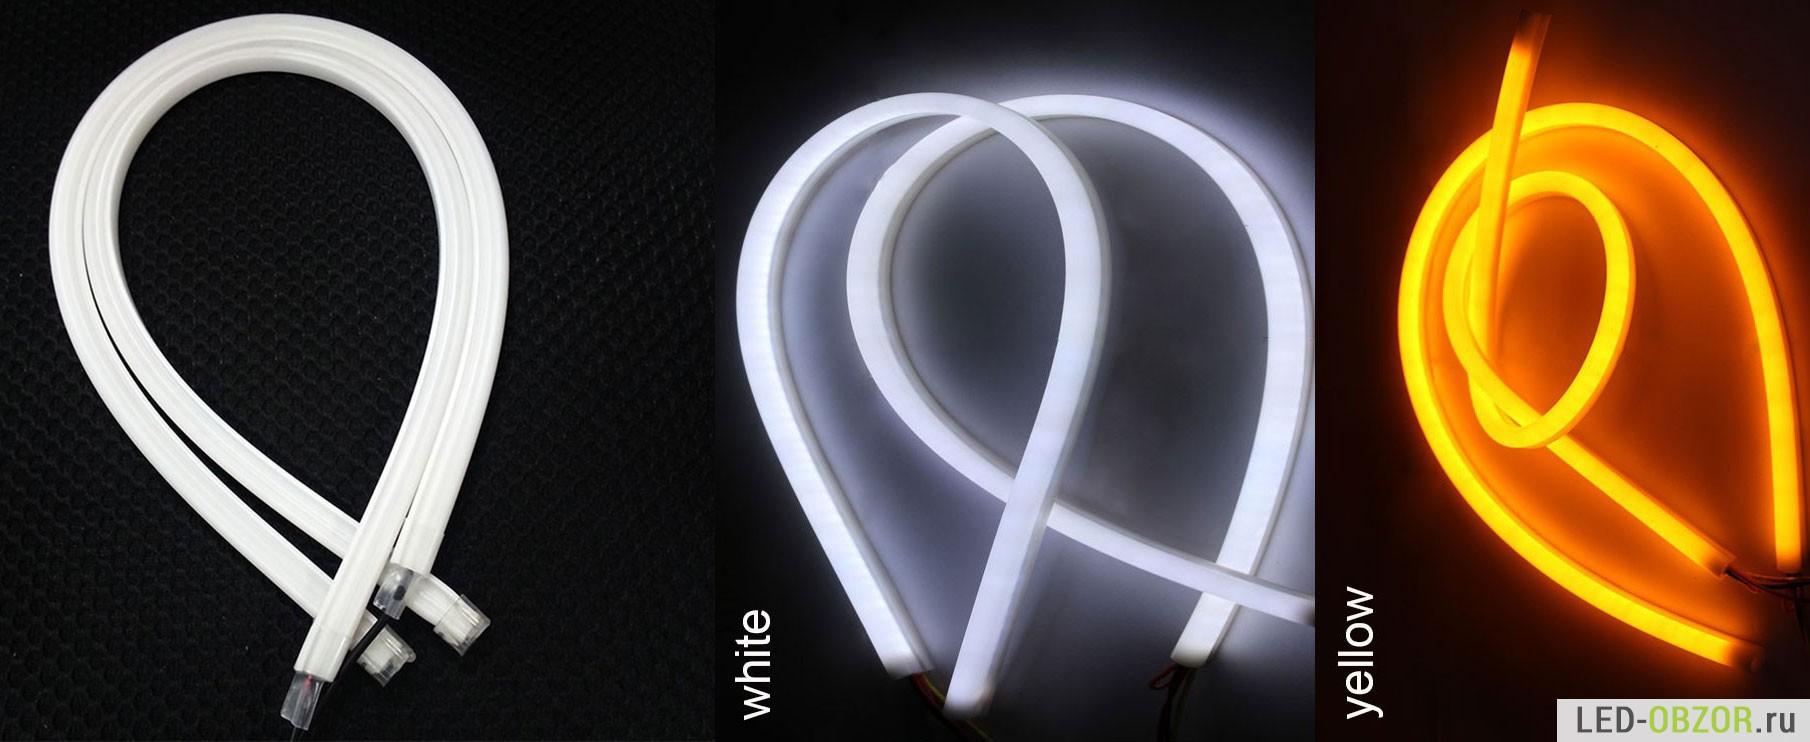 3. Трубка в виде одноцветной неоновой подсветки